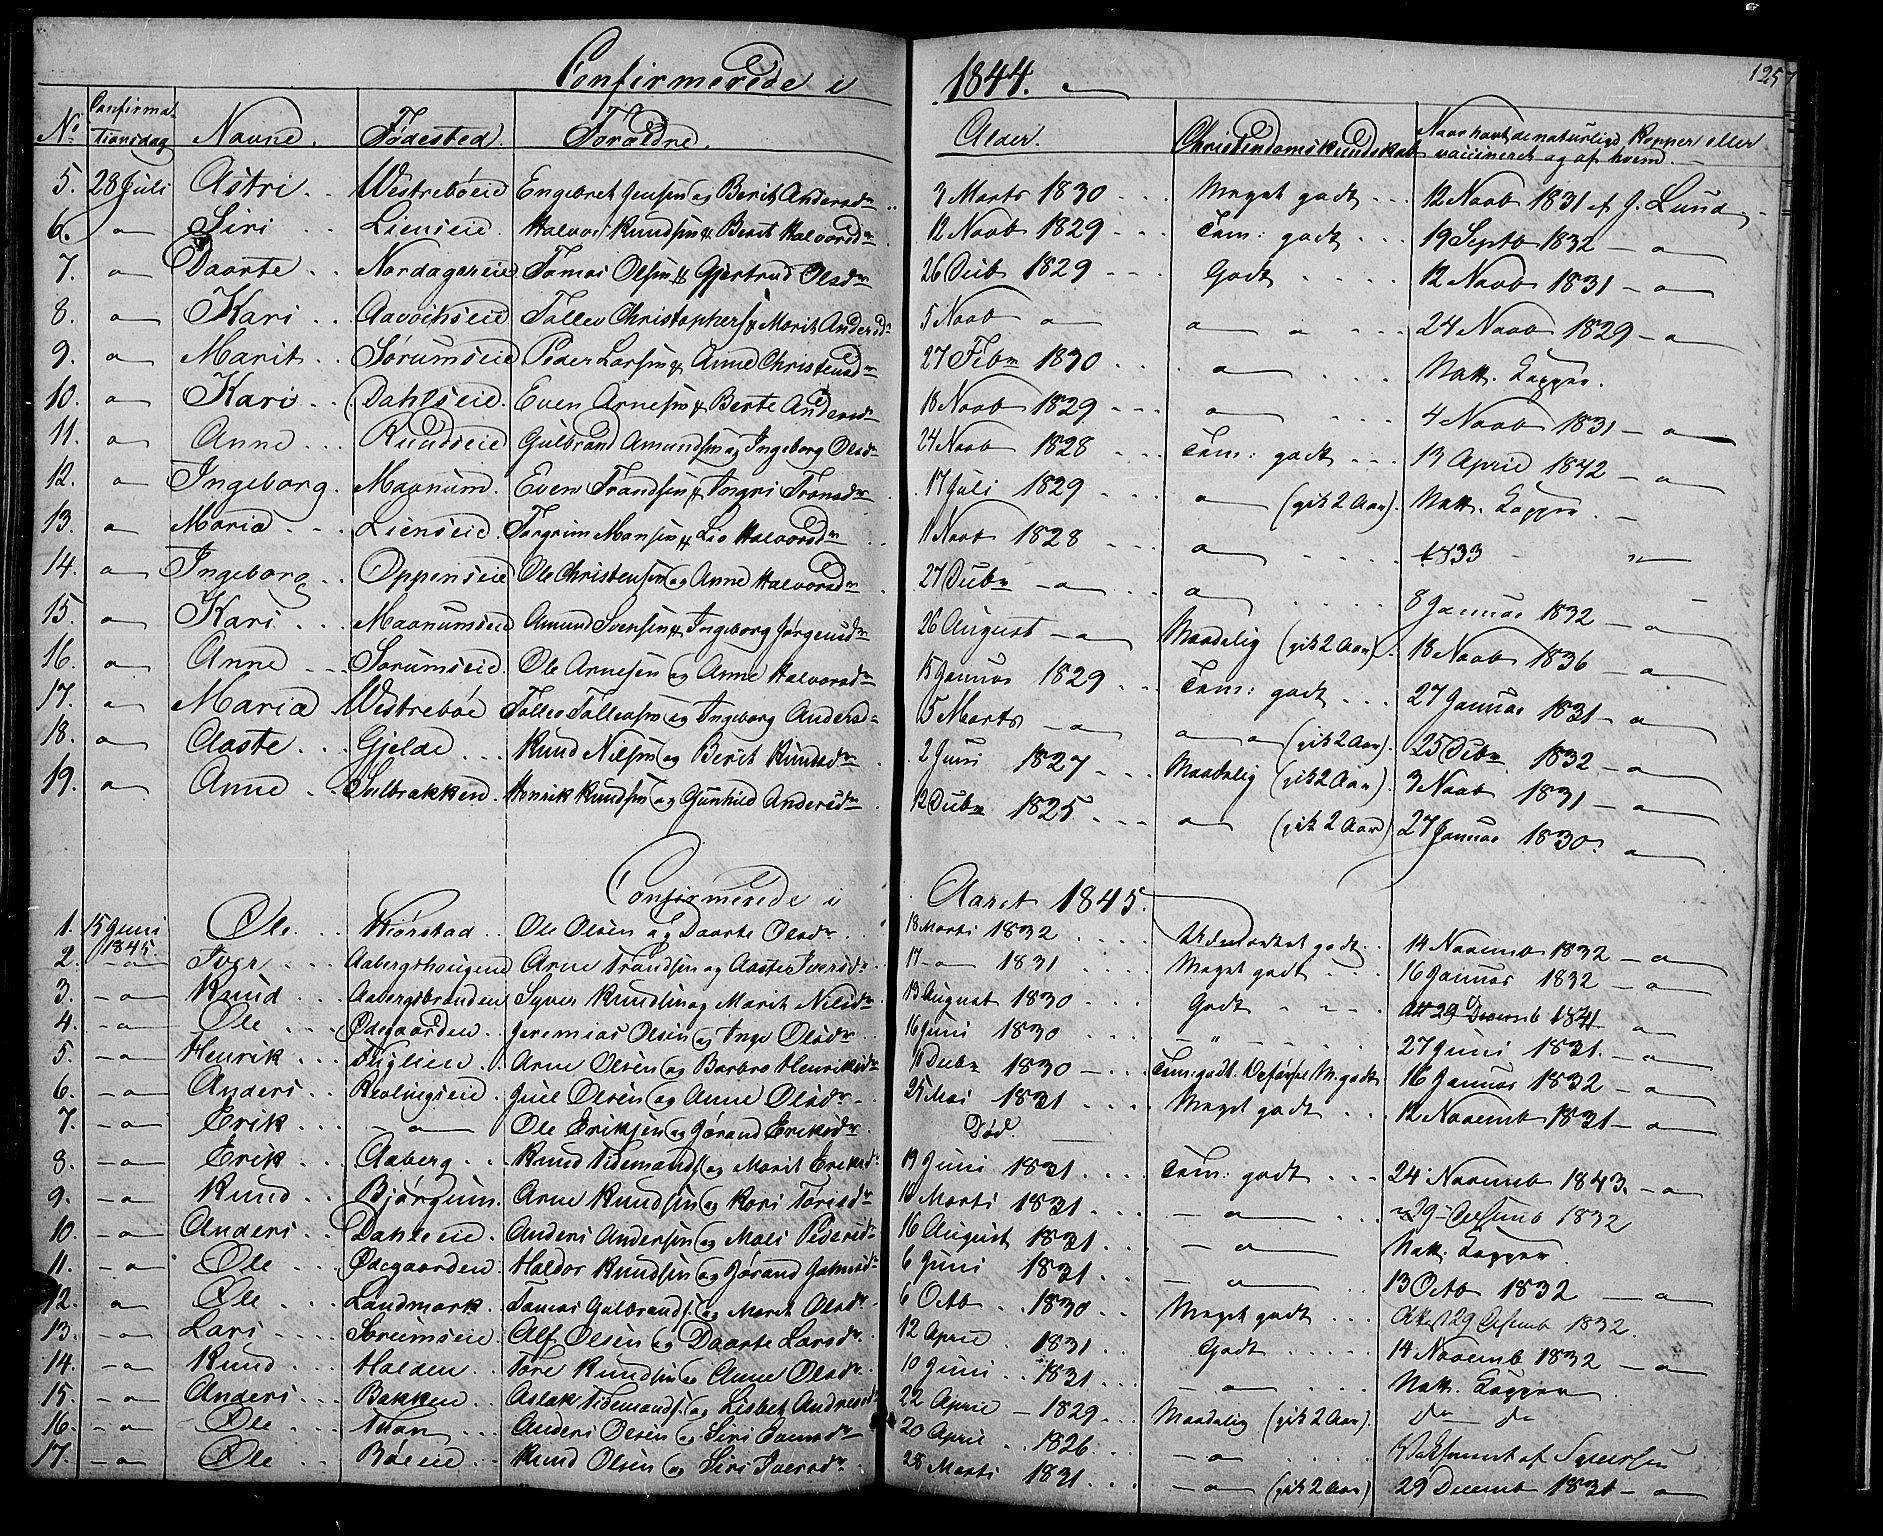 SAH, Nord-Aurdal prestekontor, Klokkerbok nr. 2, 1842-1877, s. 125